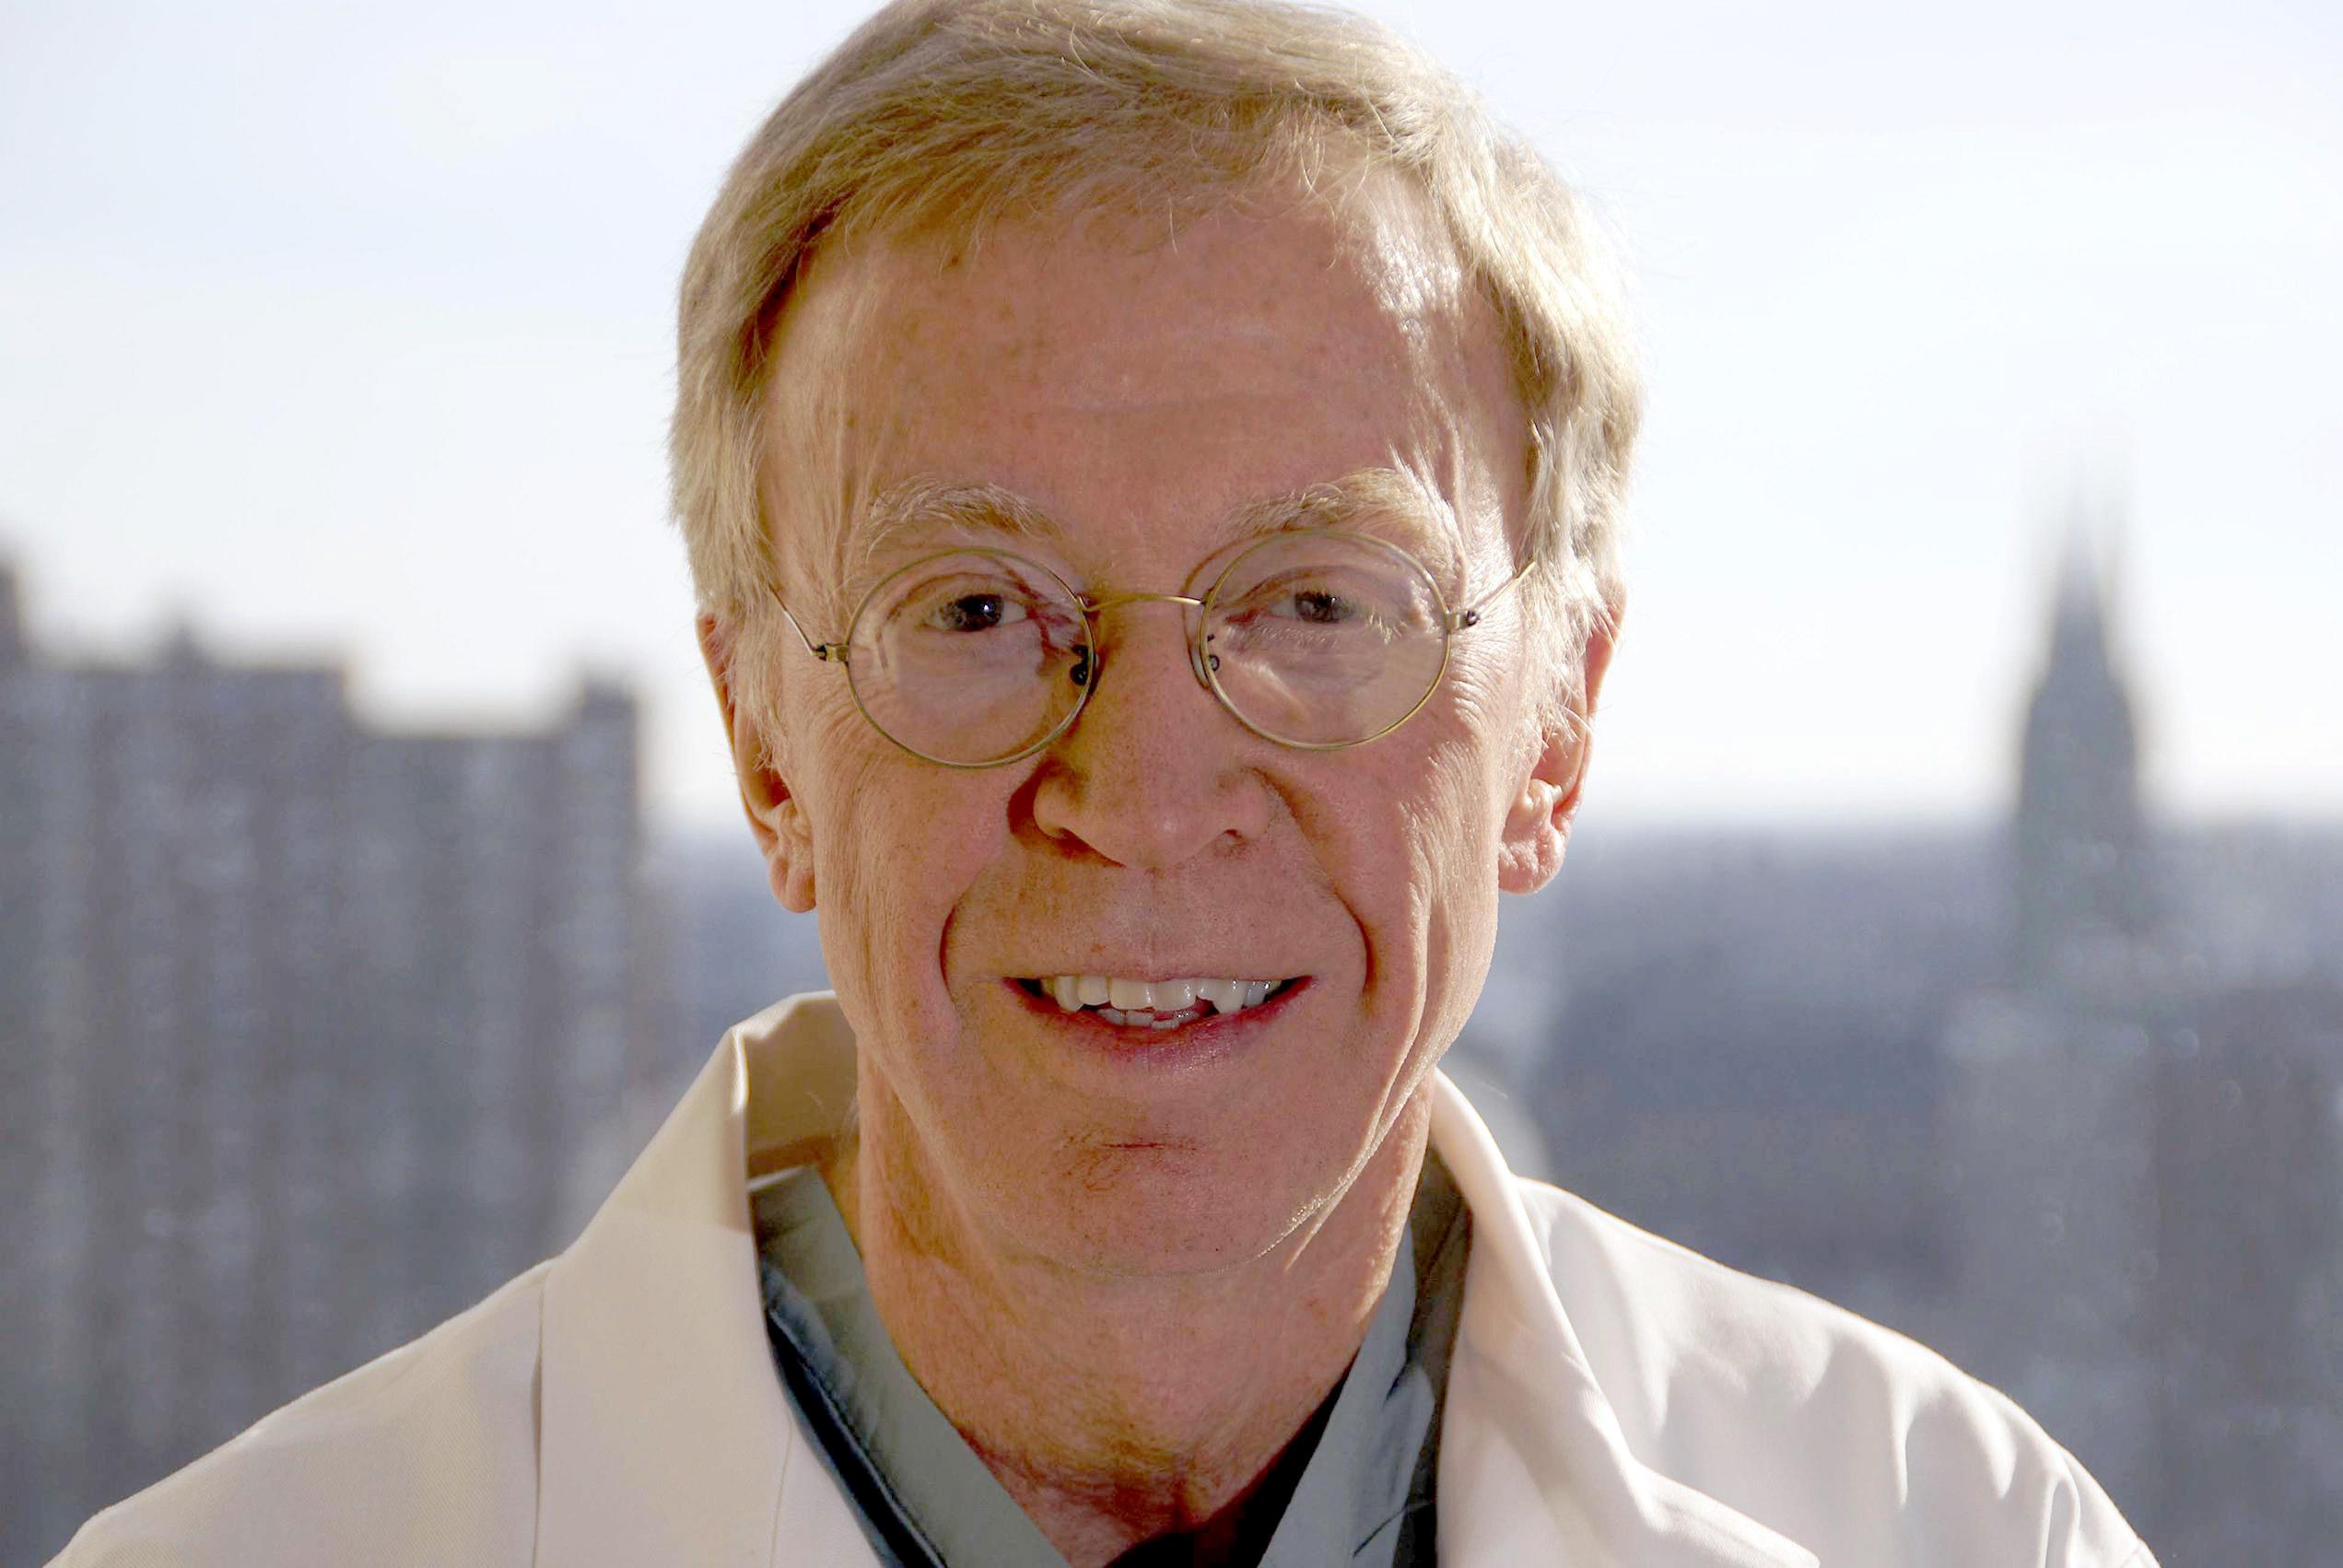 Gesichtstransplantation: Führender Experte referiert im Bergmannsheil